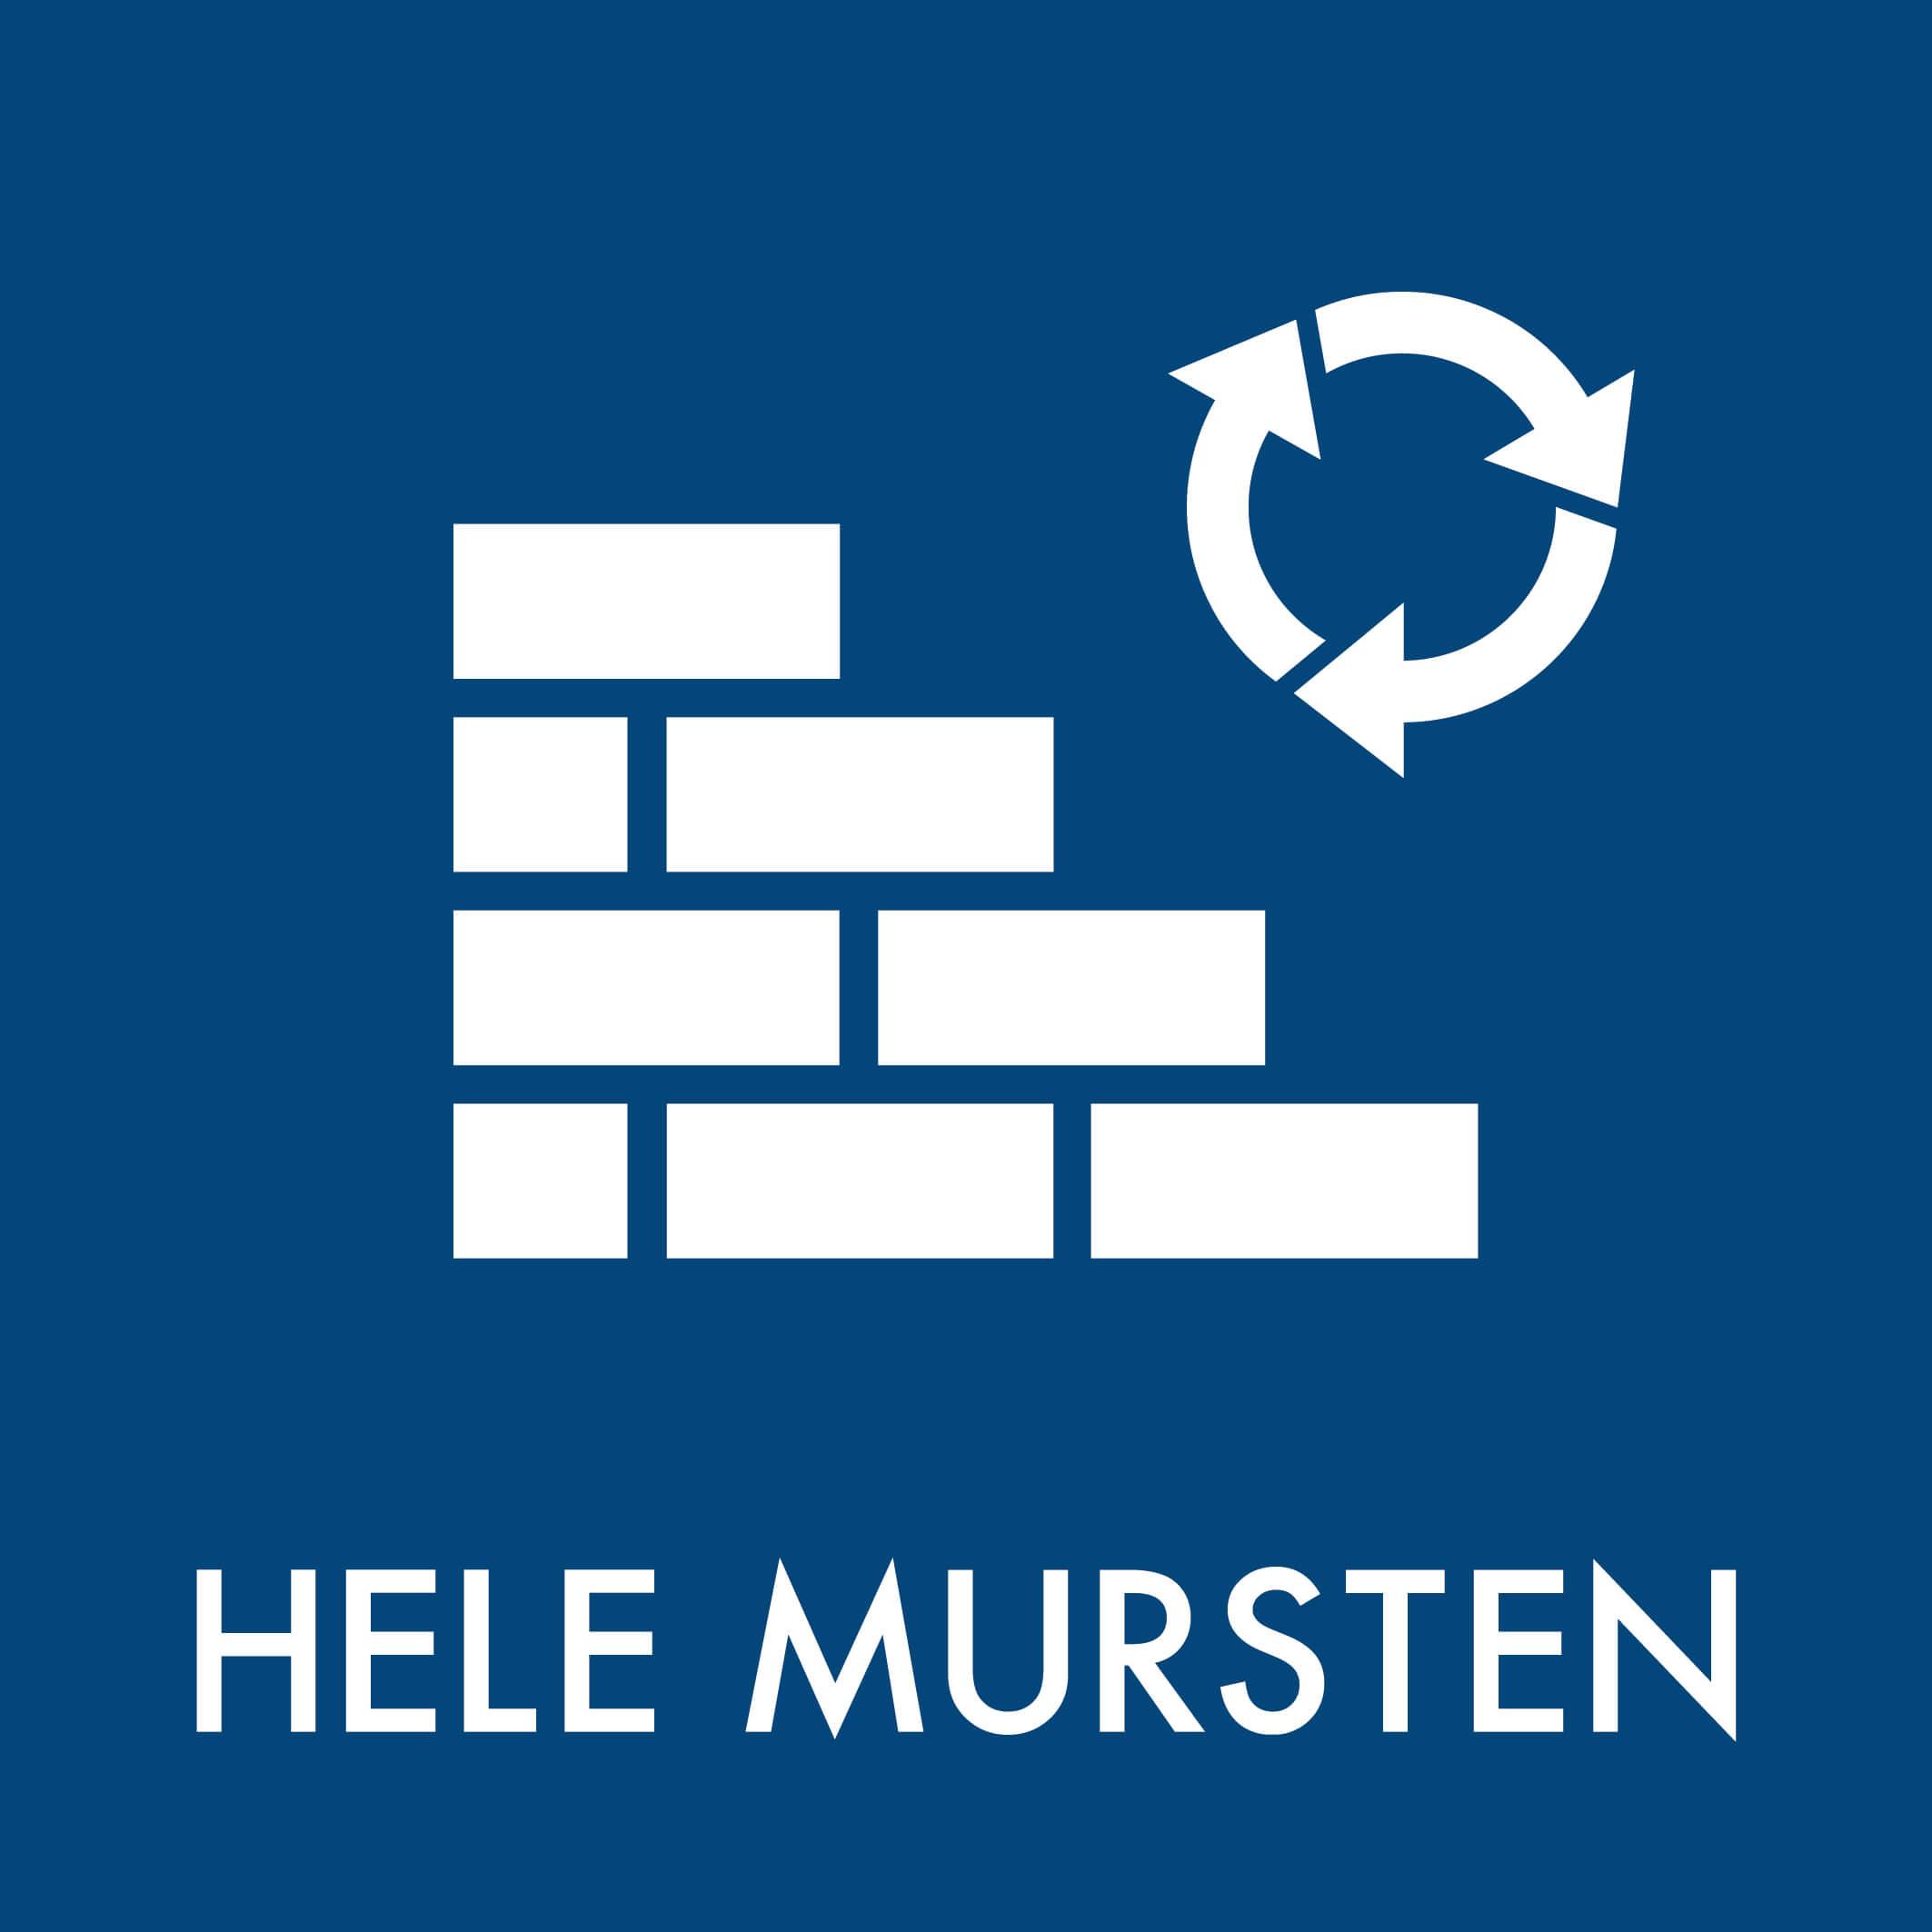 Dansk Affaldssortering - Hele mursten